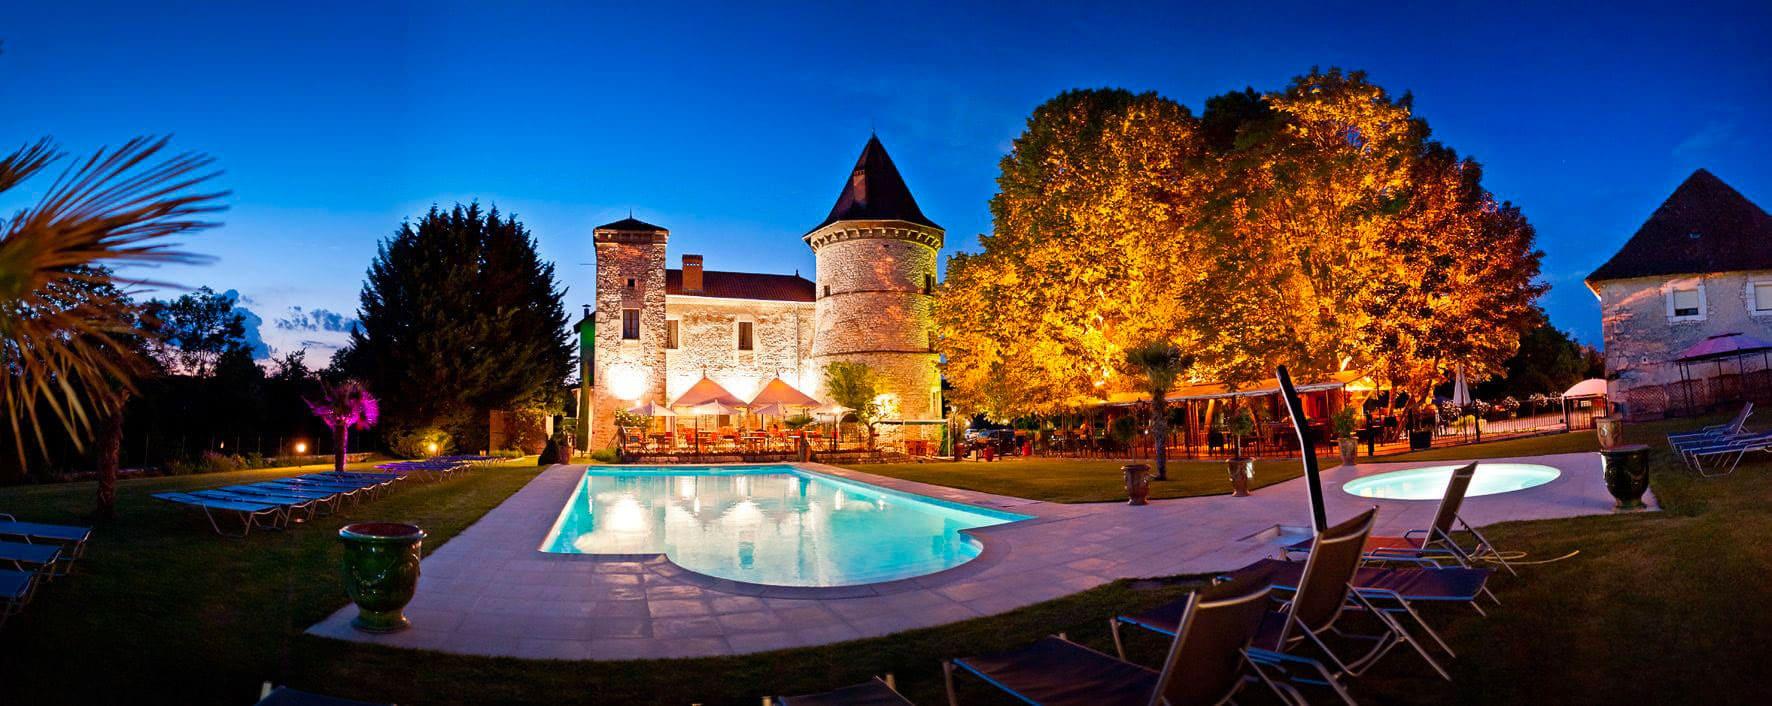 Piscine Chateau Chapeau Cornu 4 étoiles à Vignieu dans l'Isère (38)